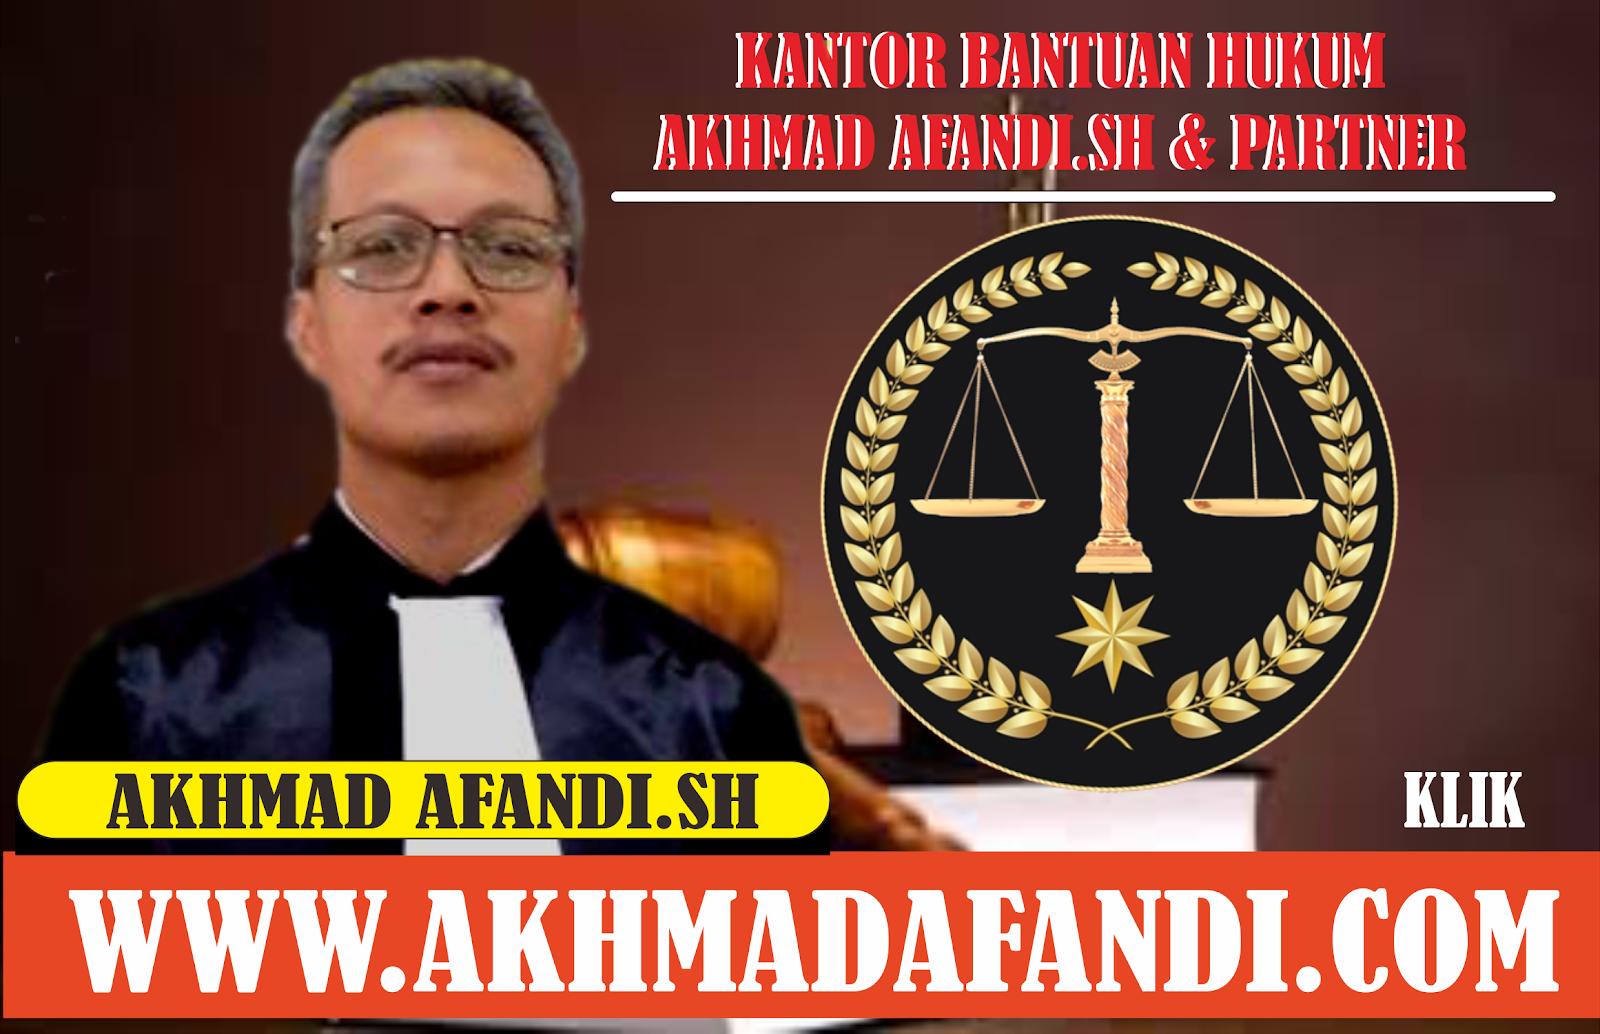 Kantor Advokat & Layanan Bantuan Hukum